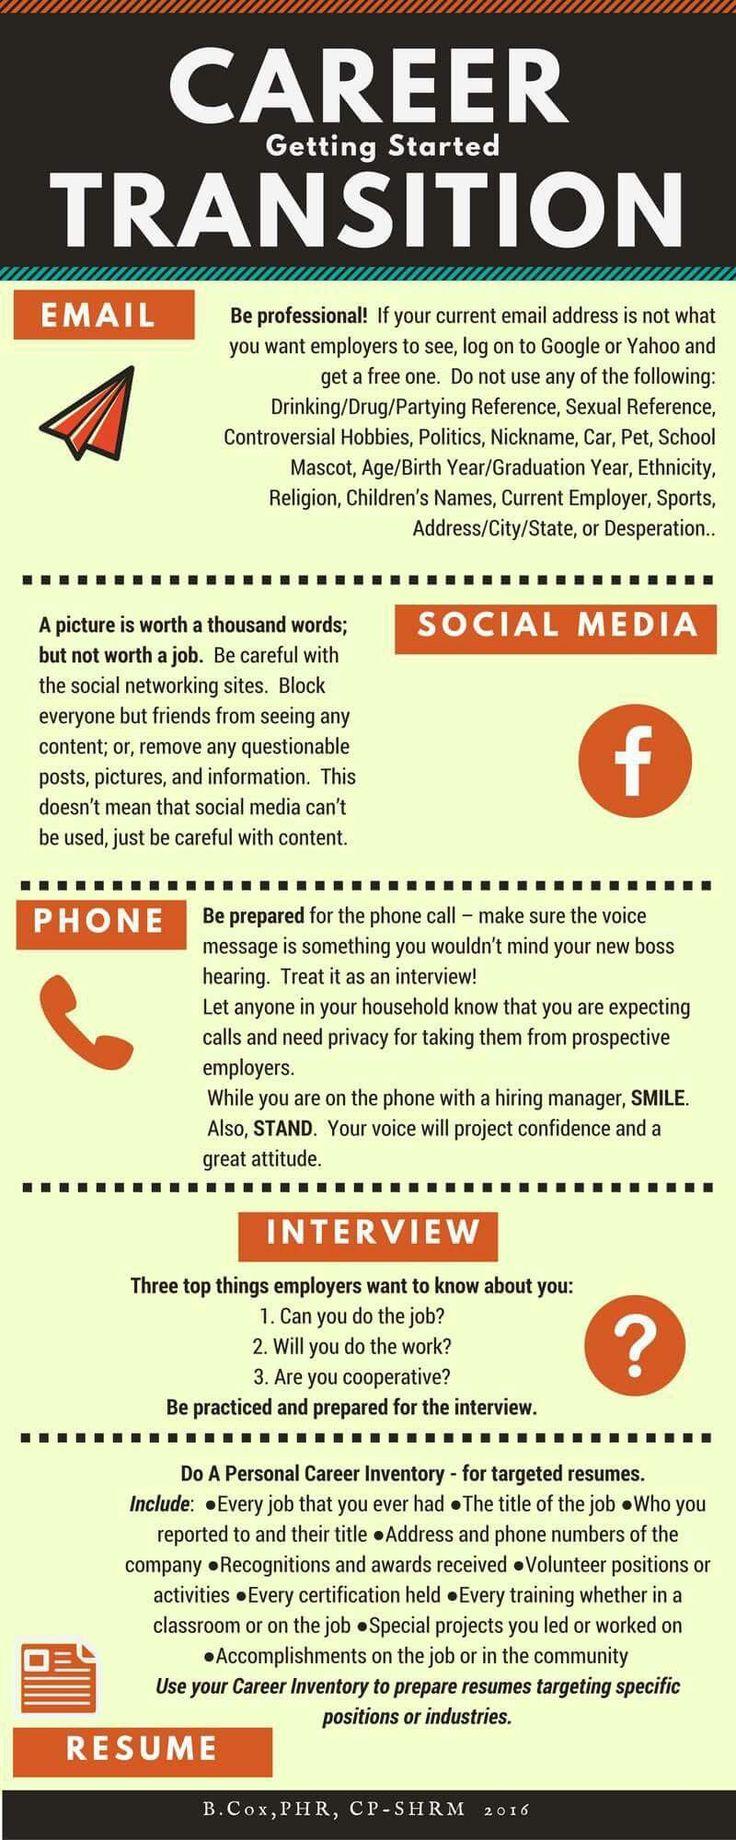 62 Best Job & Career Tips Images On Pinterest